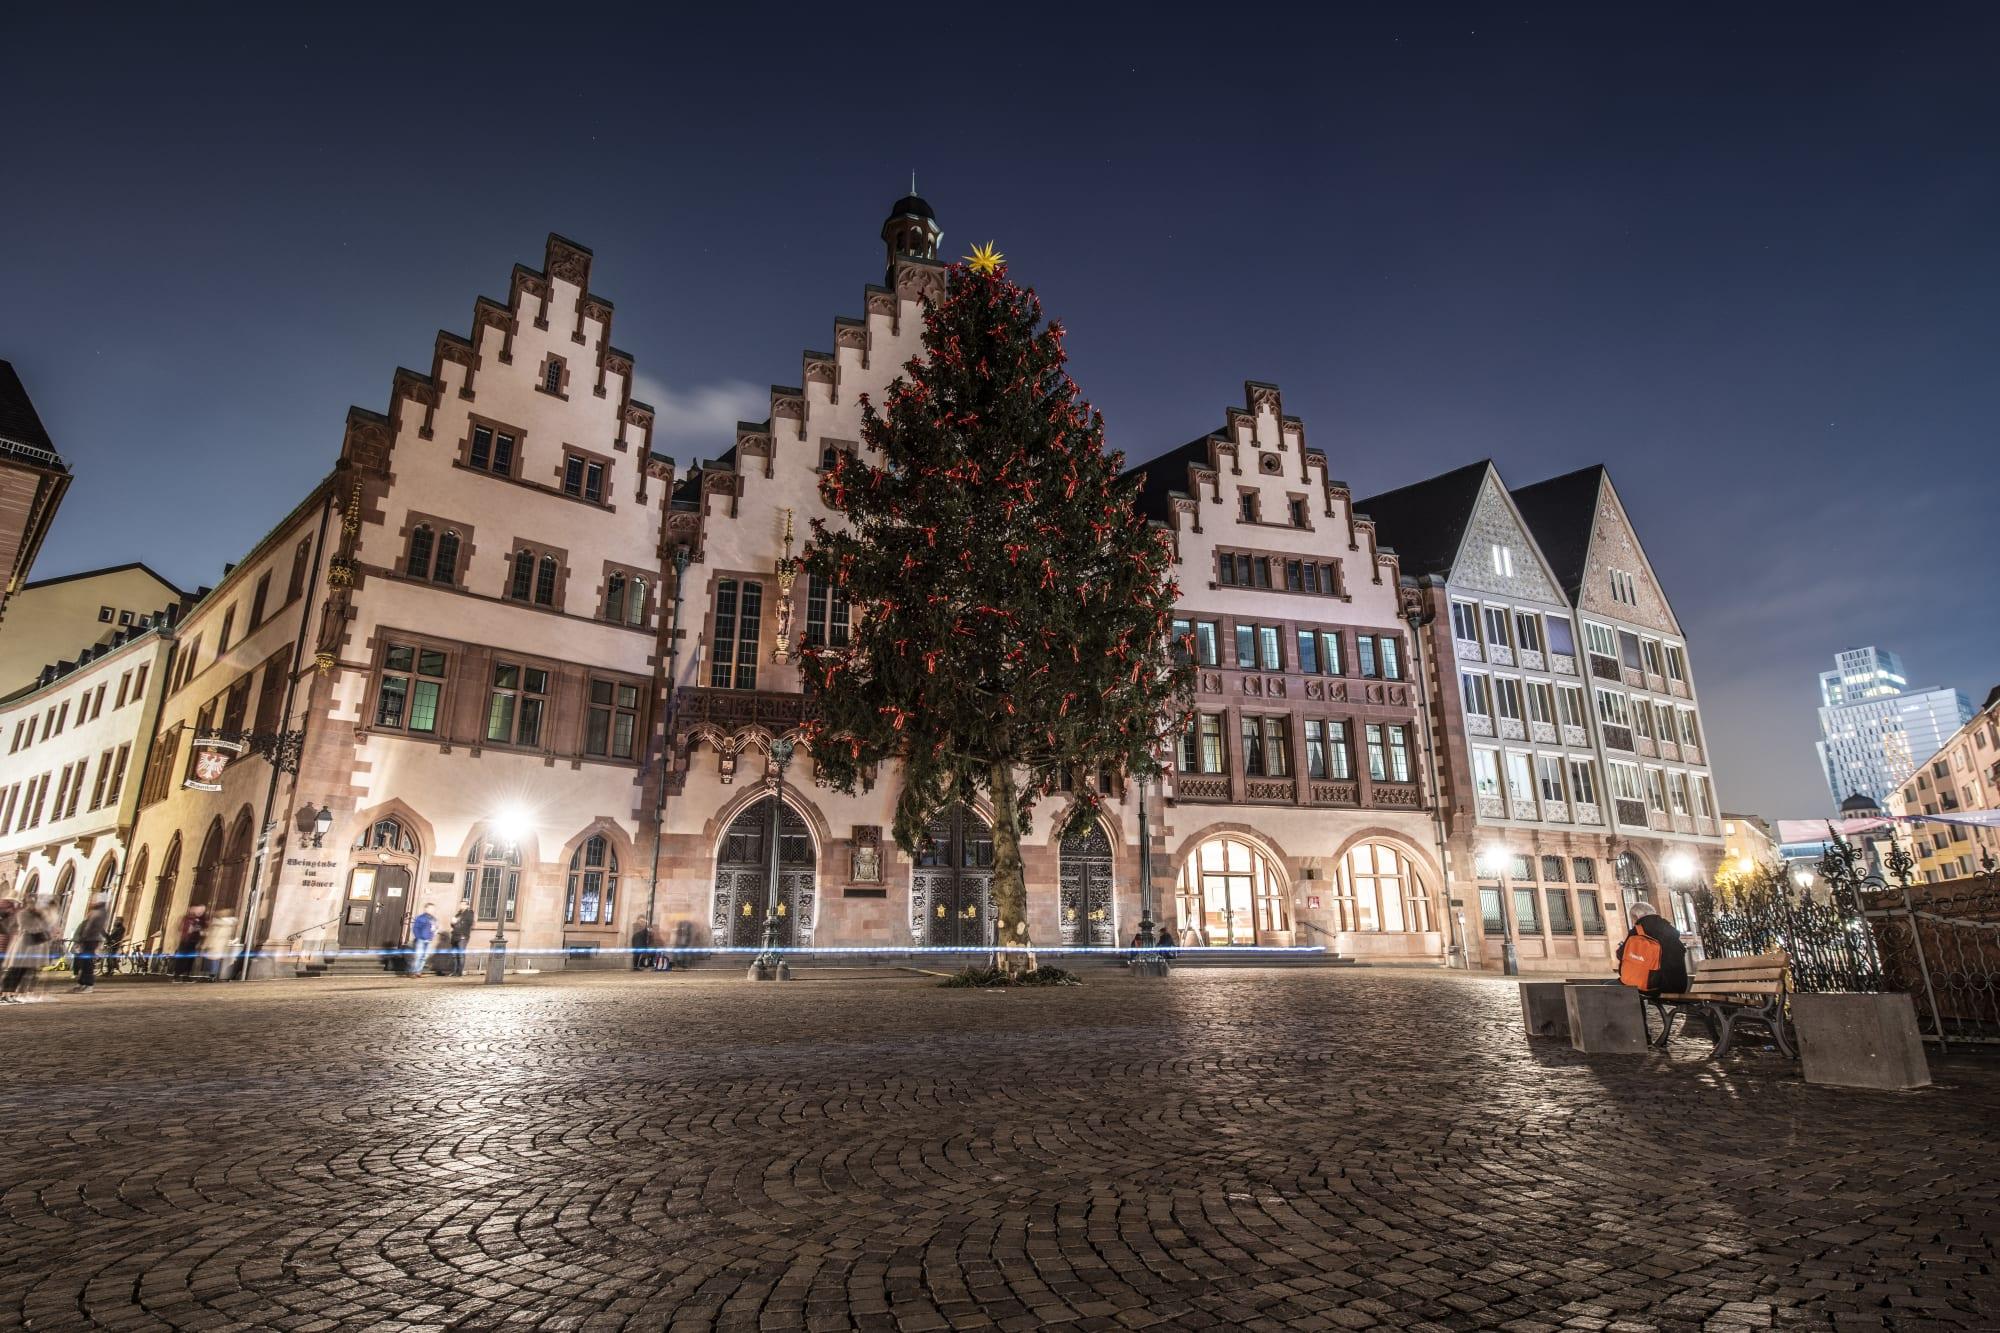 Leere statt Weihnachtsmarkt: Was vom Winterzauber bleibt.